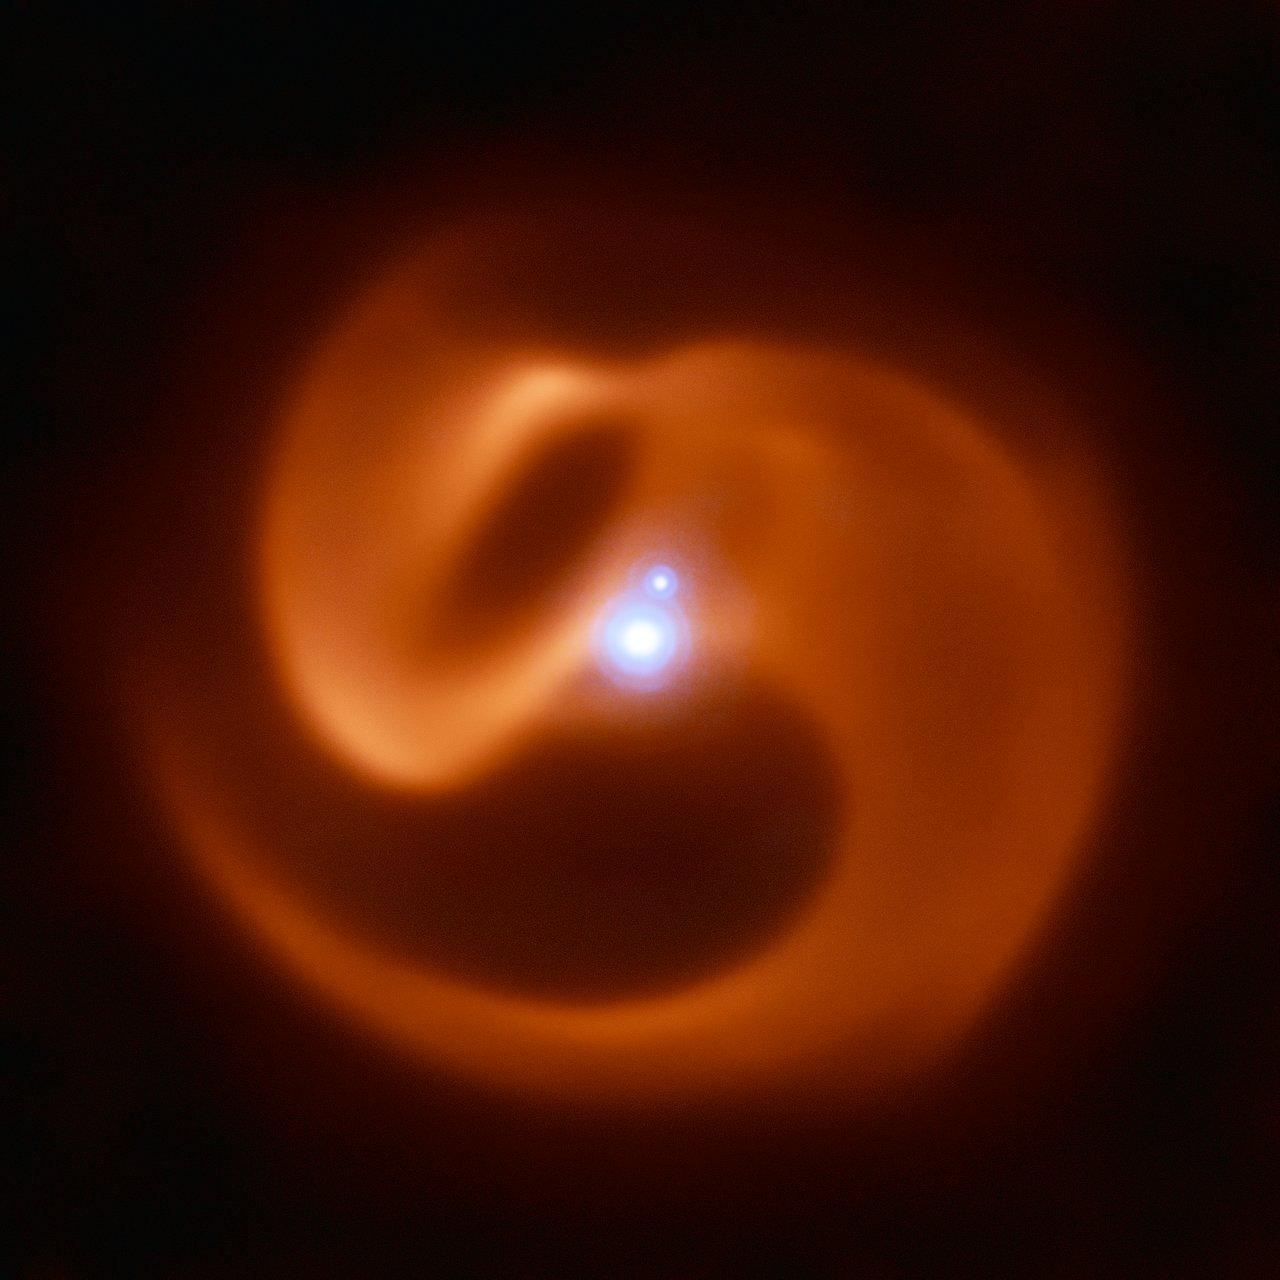 Nedaleký hvězdný systém by mohl v brzké explozi doprovázet první záblesk gama záření v Mléčné dráze